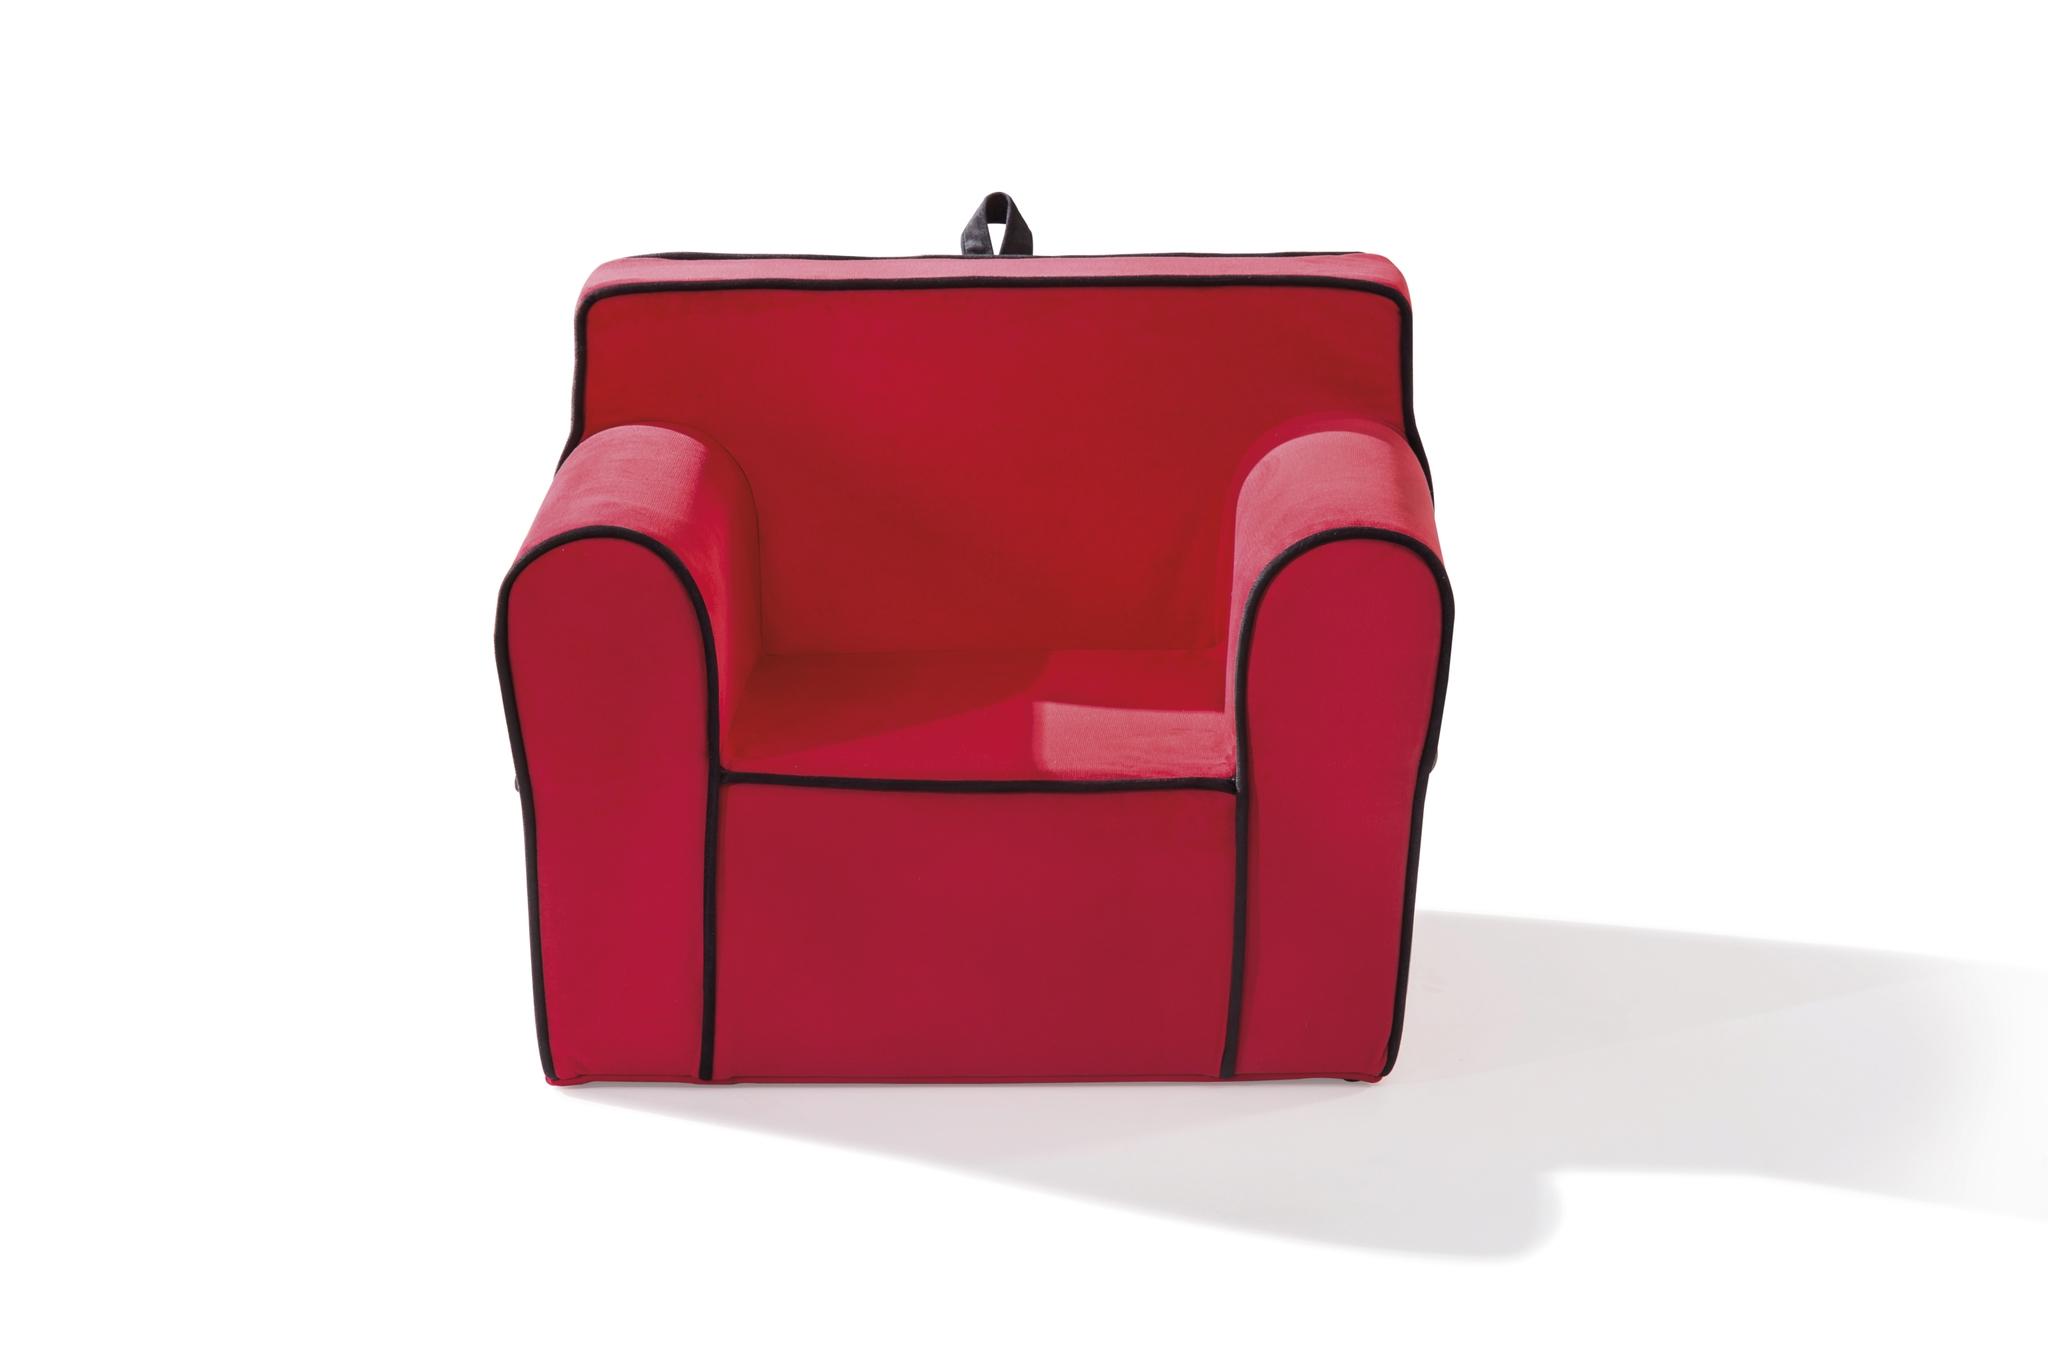 Fotoliu pentru copii tapitat cu stofa Comfort Red l61xA49xH52 cm